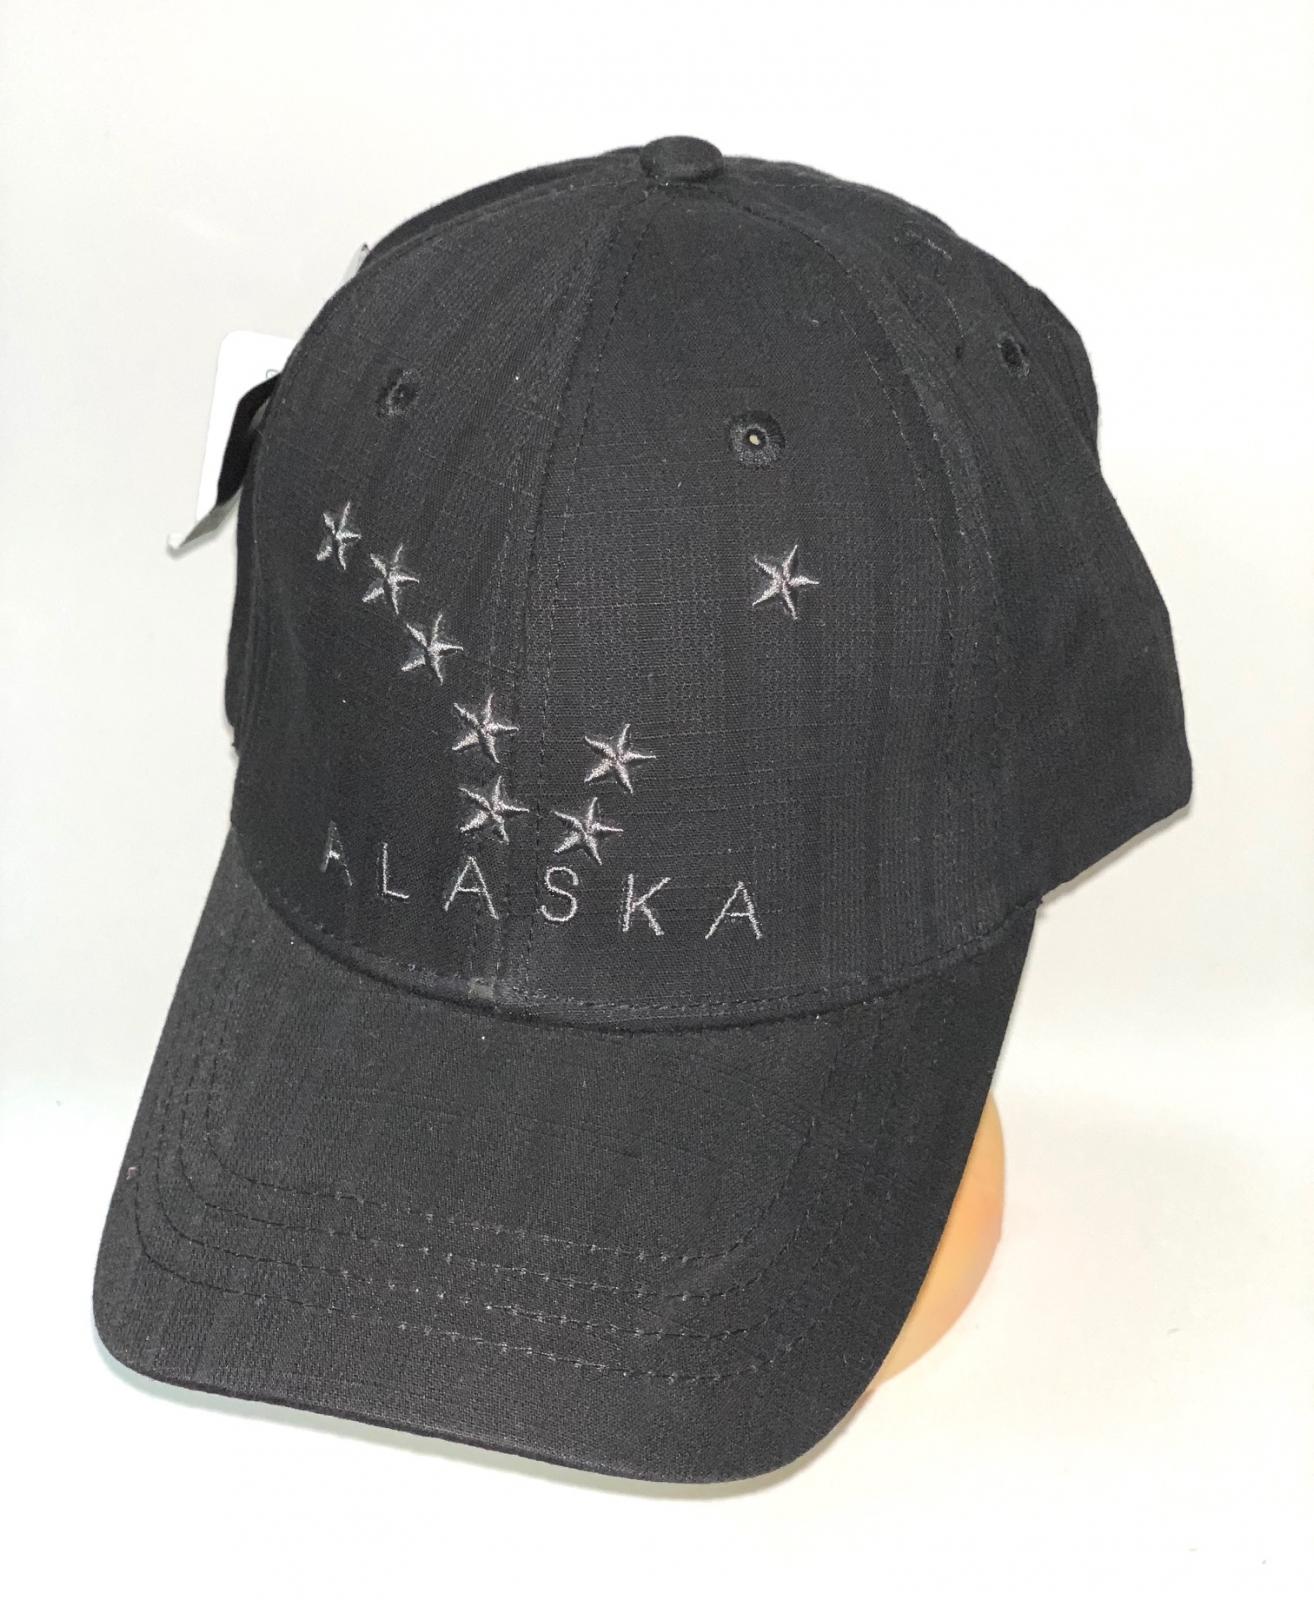 Черная бейсболка Alaska с вышитыми звездами